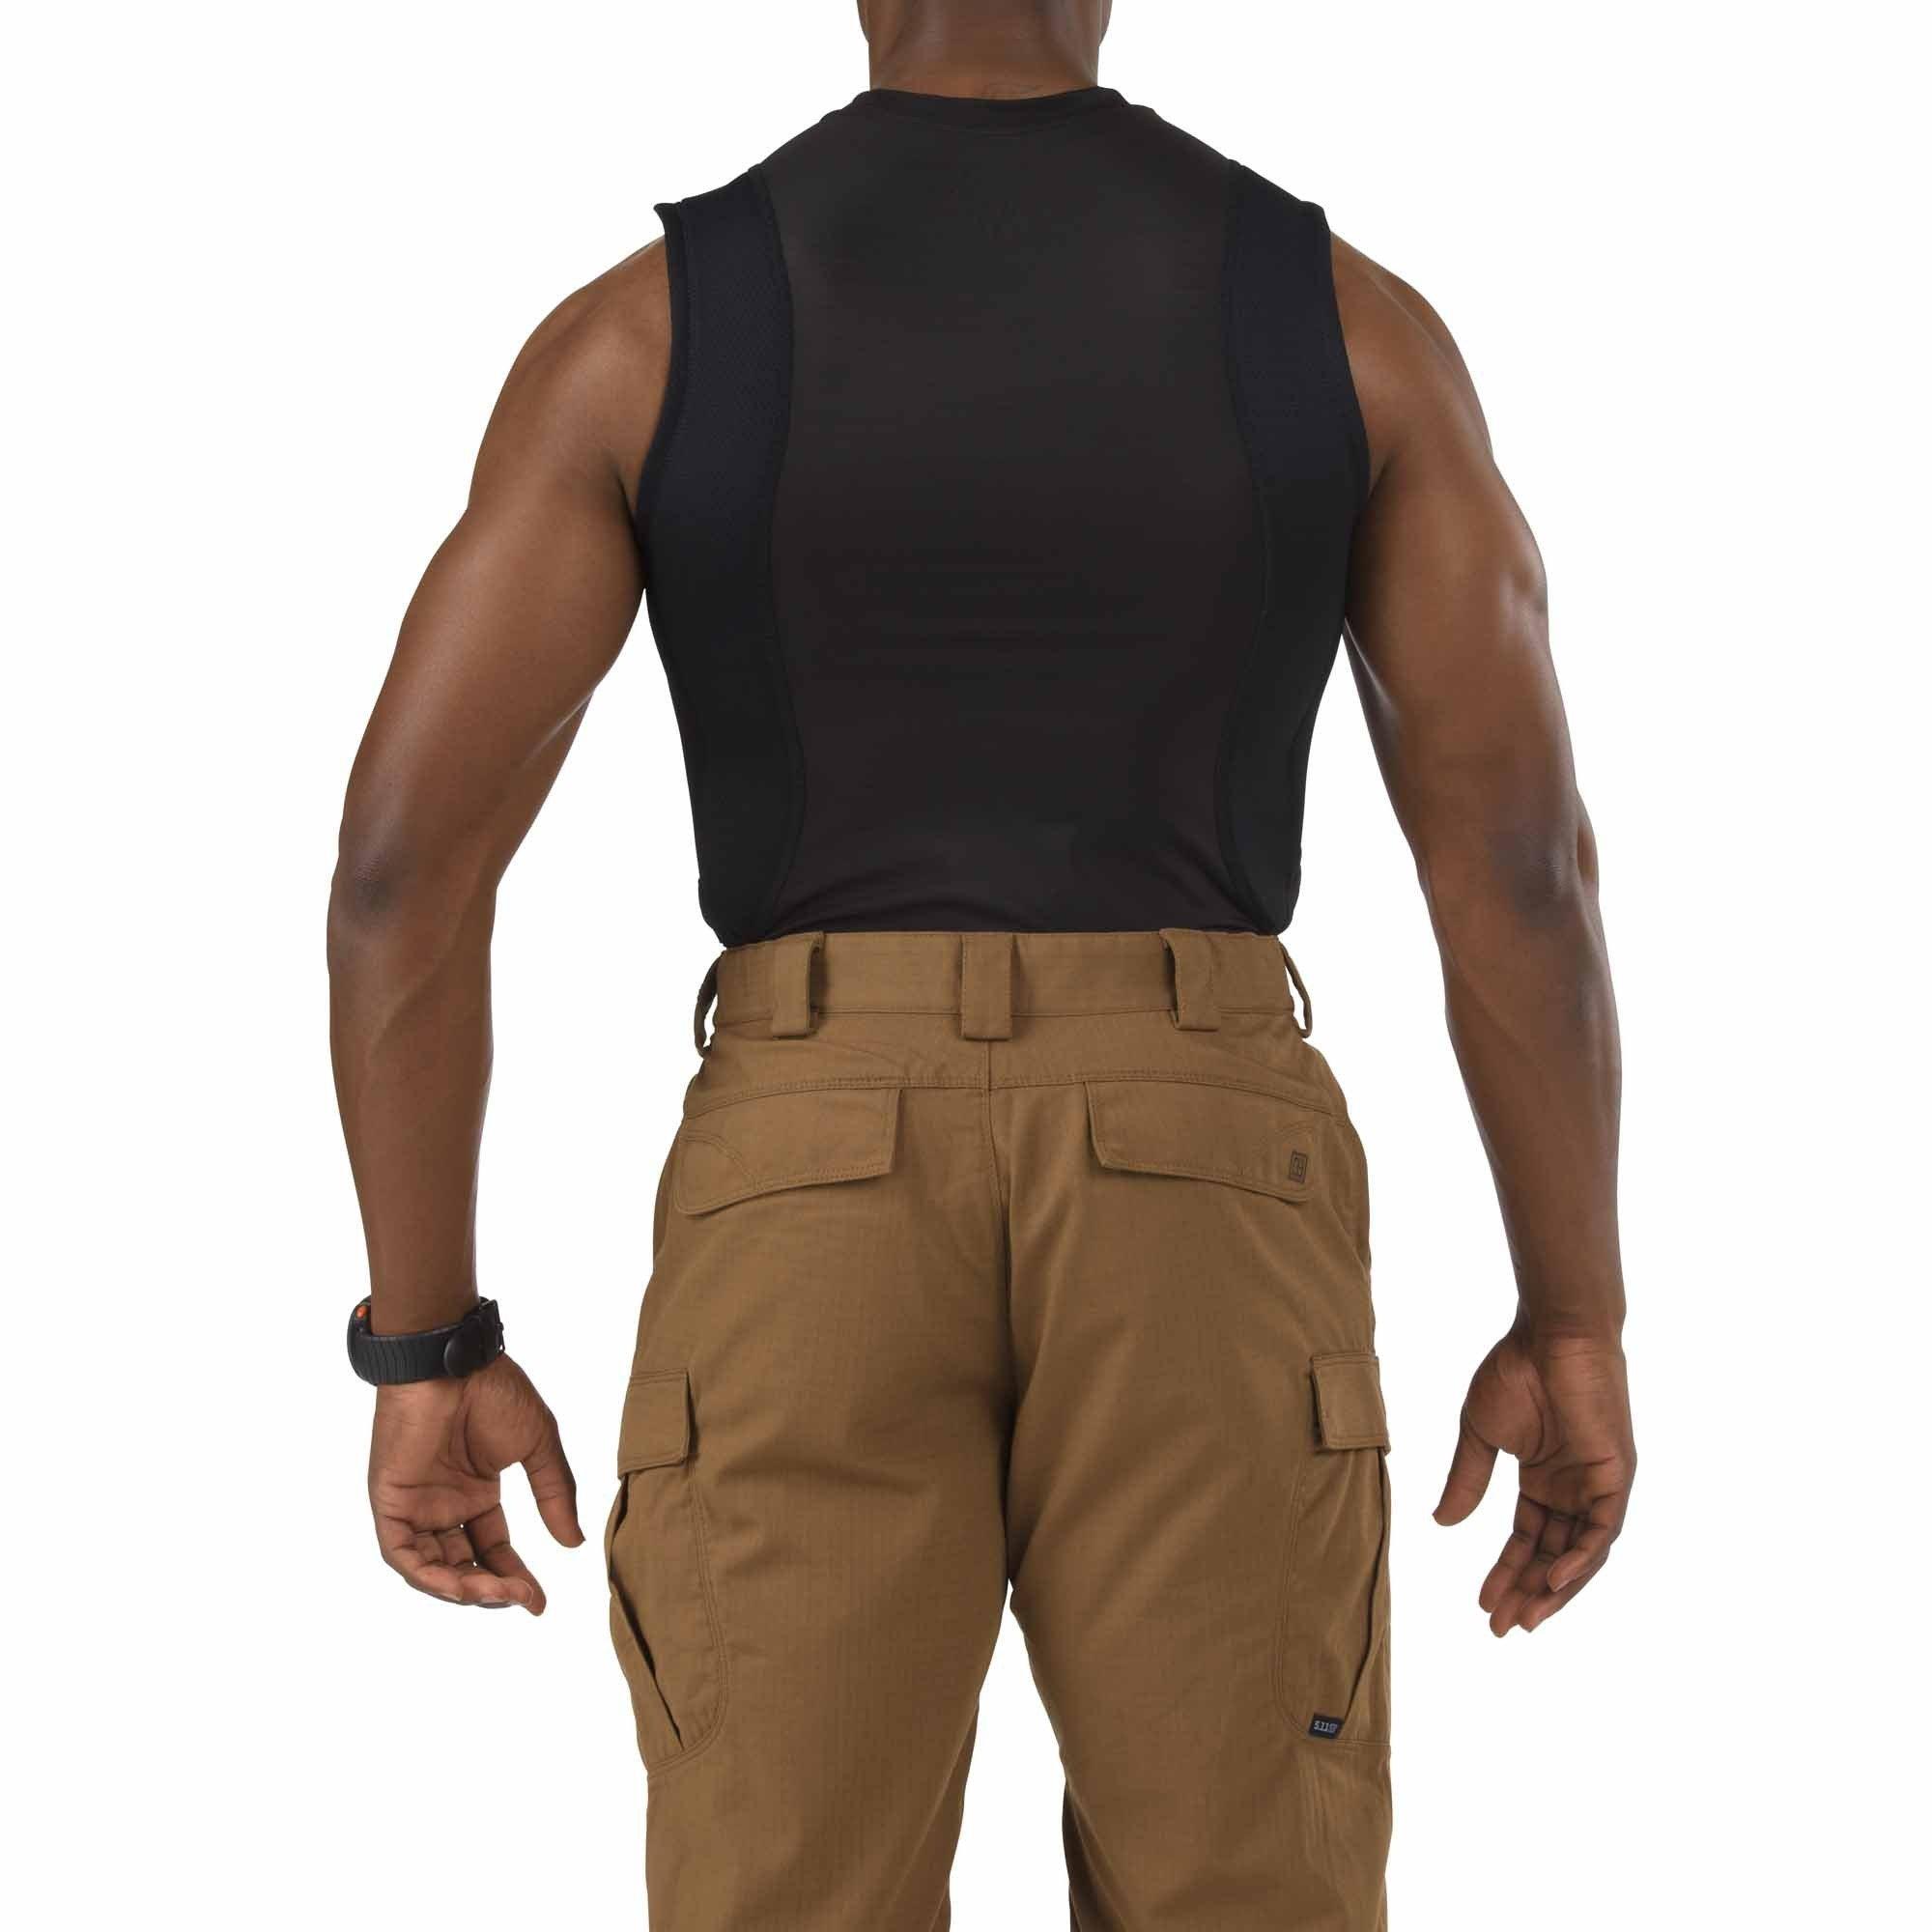 5.11 Men's Sleeveless Holster Shirt